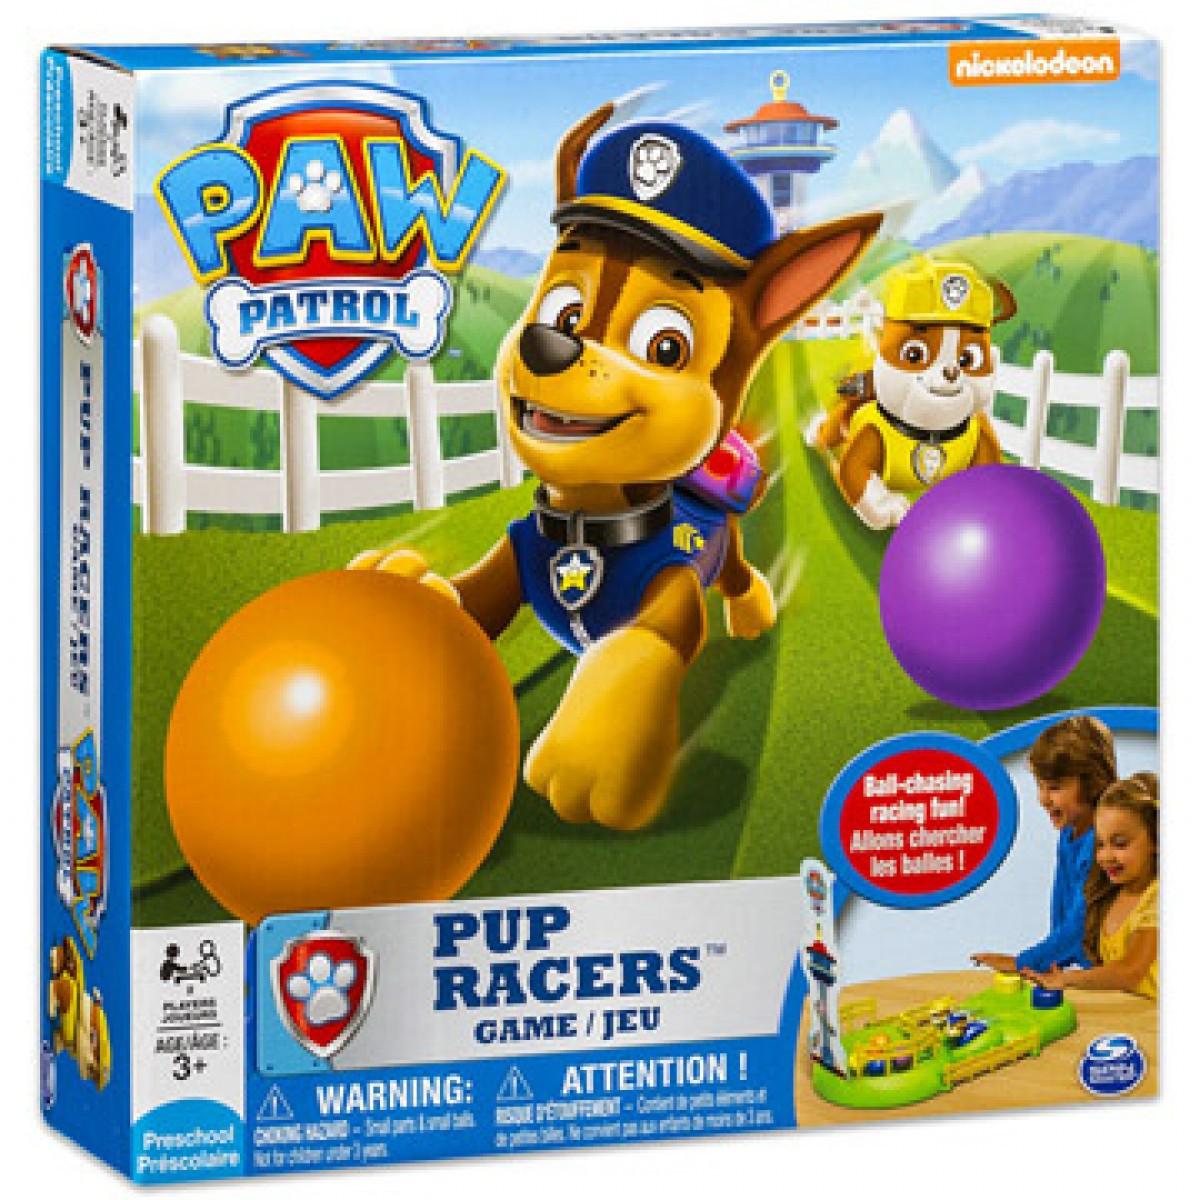 b1b6e5658823 Mancs őrjárat Pup racers társasjáték - Mancs őrjárat játékok ...